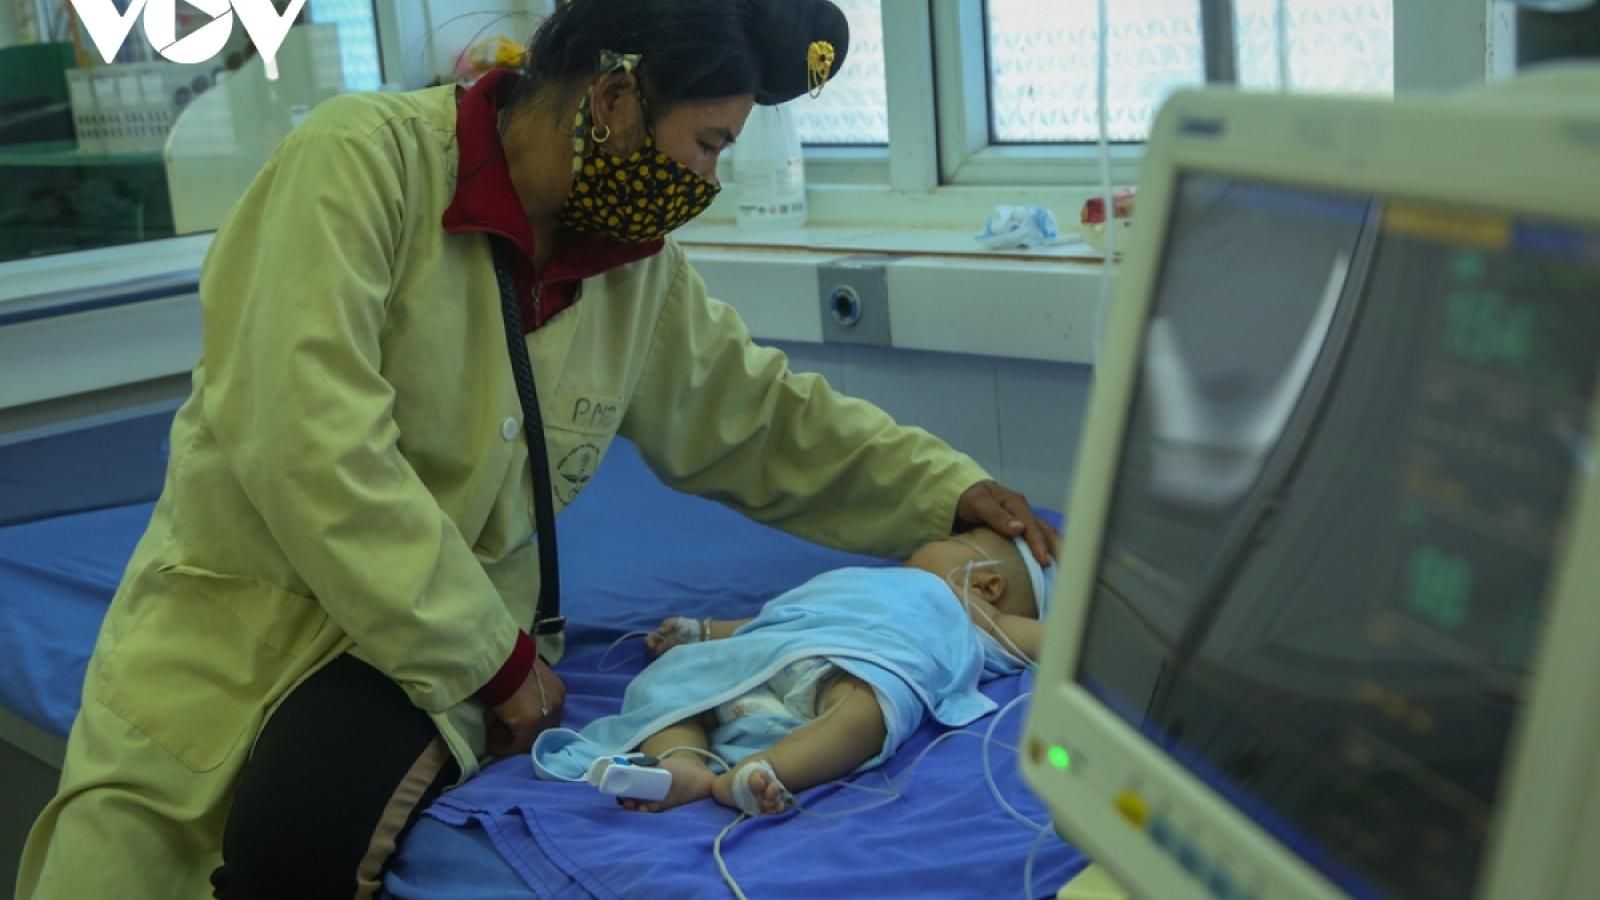 Yêu cầu Vĩnh Phúc, Sơn La làm rõ vụ trẻ tử vong và tai biến sau tiêm chủng